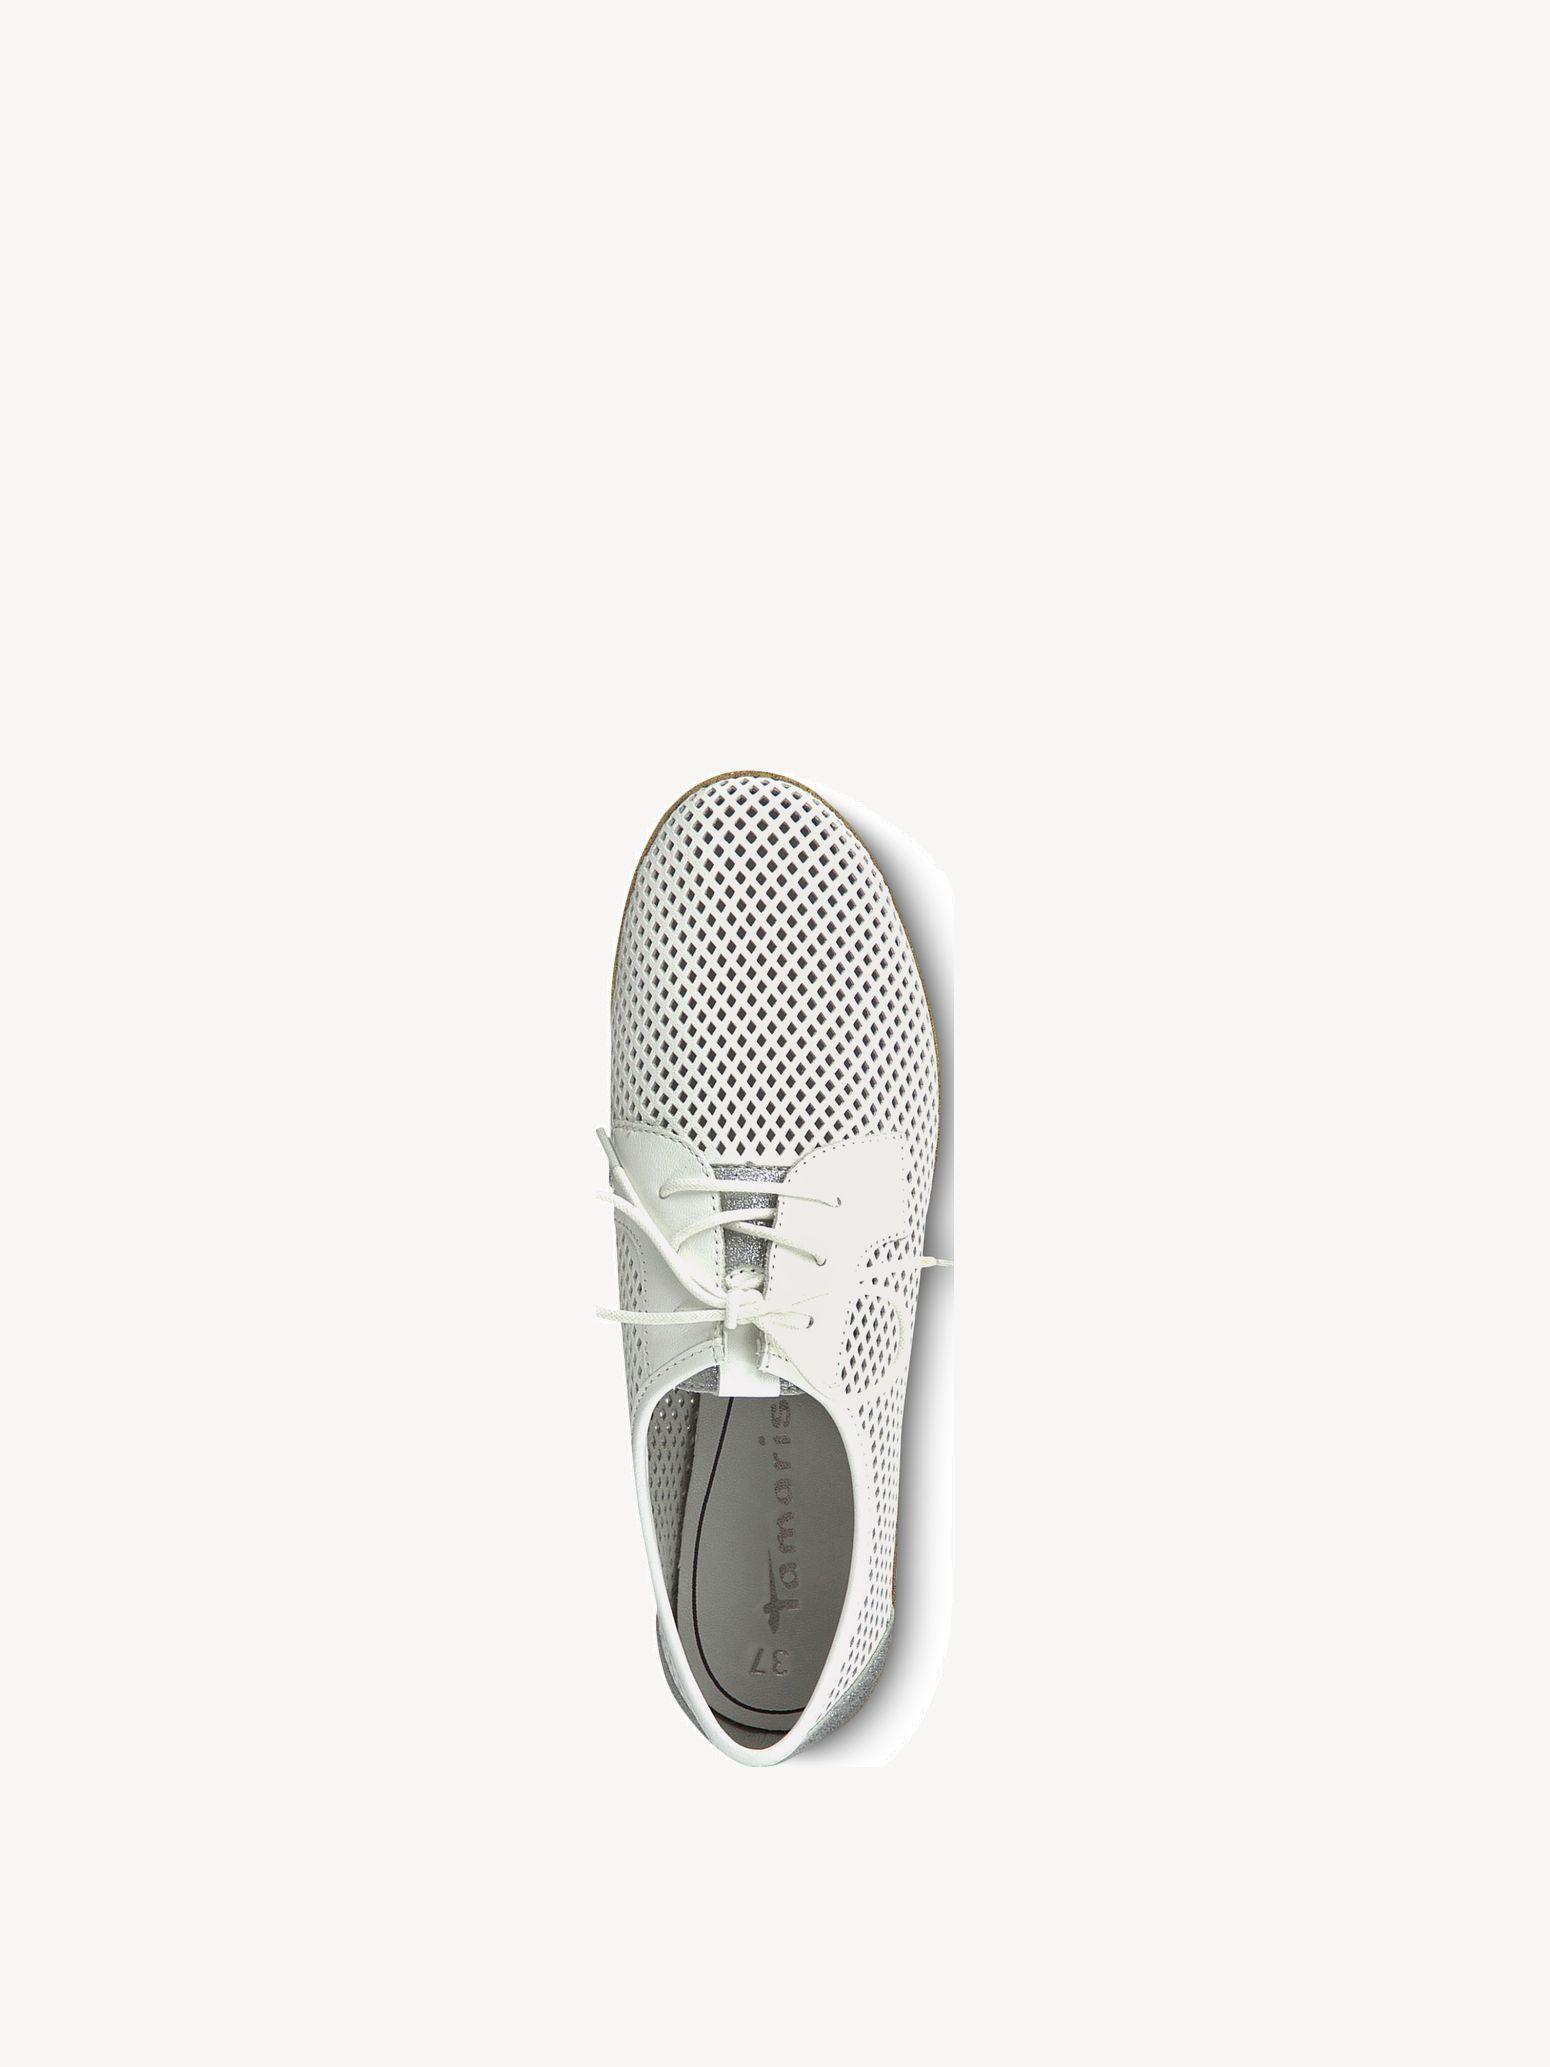 Ligne Basses Les Eulalia 1 Chaussures 23603 De 20Achetez En OXP0w8nk